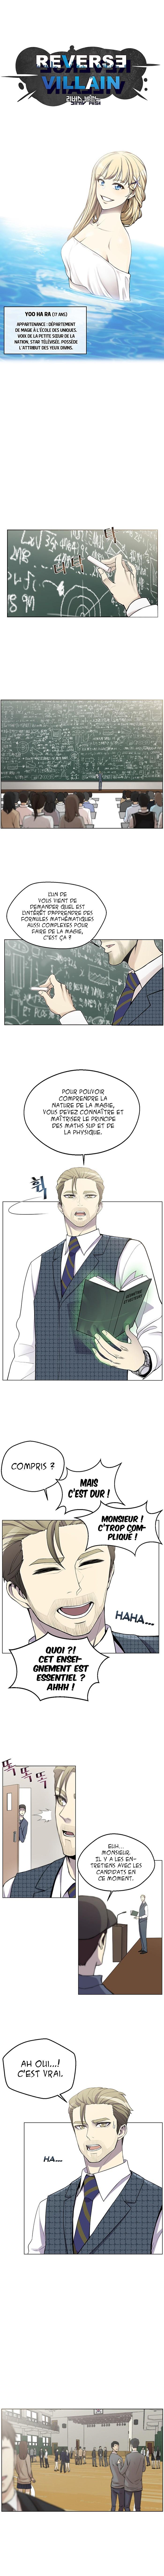 https://nine.mangadogs.com/fr_manga/pic2/6/12102/548249/ReverseVillainChapitre8_4_789.jpg Page 5